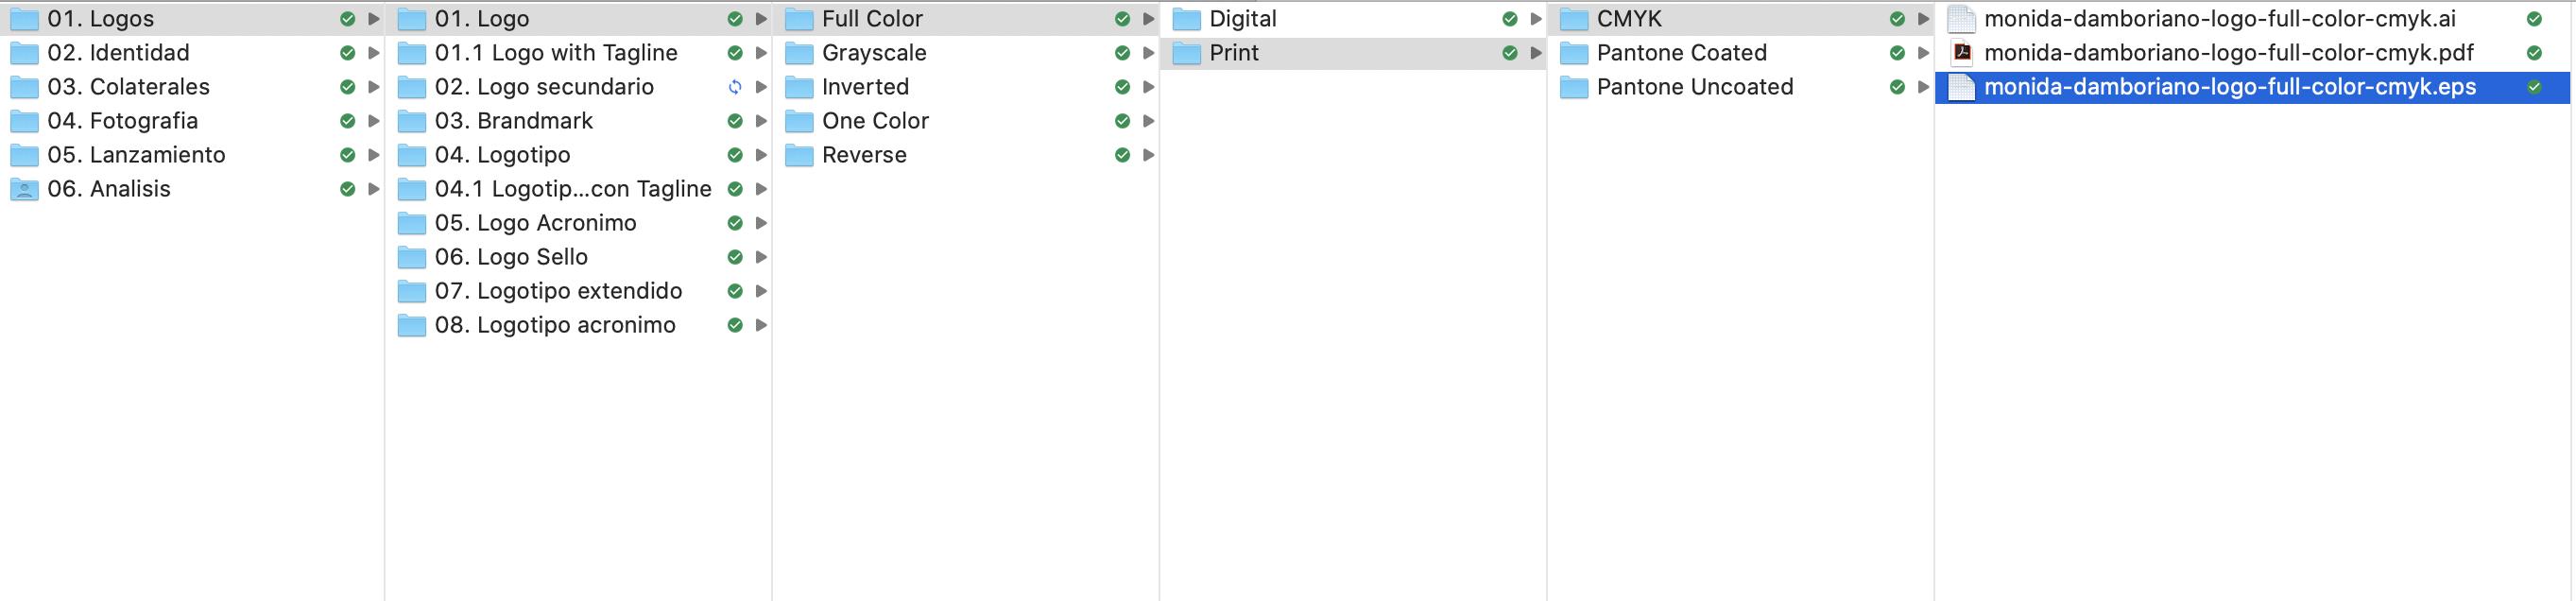 Organización de una carpeta con logotipos y archivos de marca. Por lo general se pueden organizar por contenido, por uso y/o color. Por lo general yo uso la misma jerarquía con todos mis clientes, la encuentro más sencilla y al final mi objetivo es facilitar la búsqueda de los archivos de marca que necesitan cuando los necesitan.